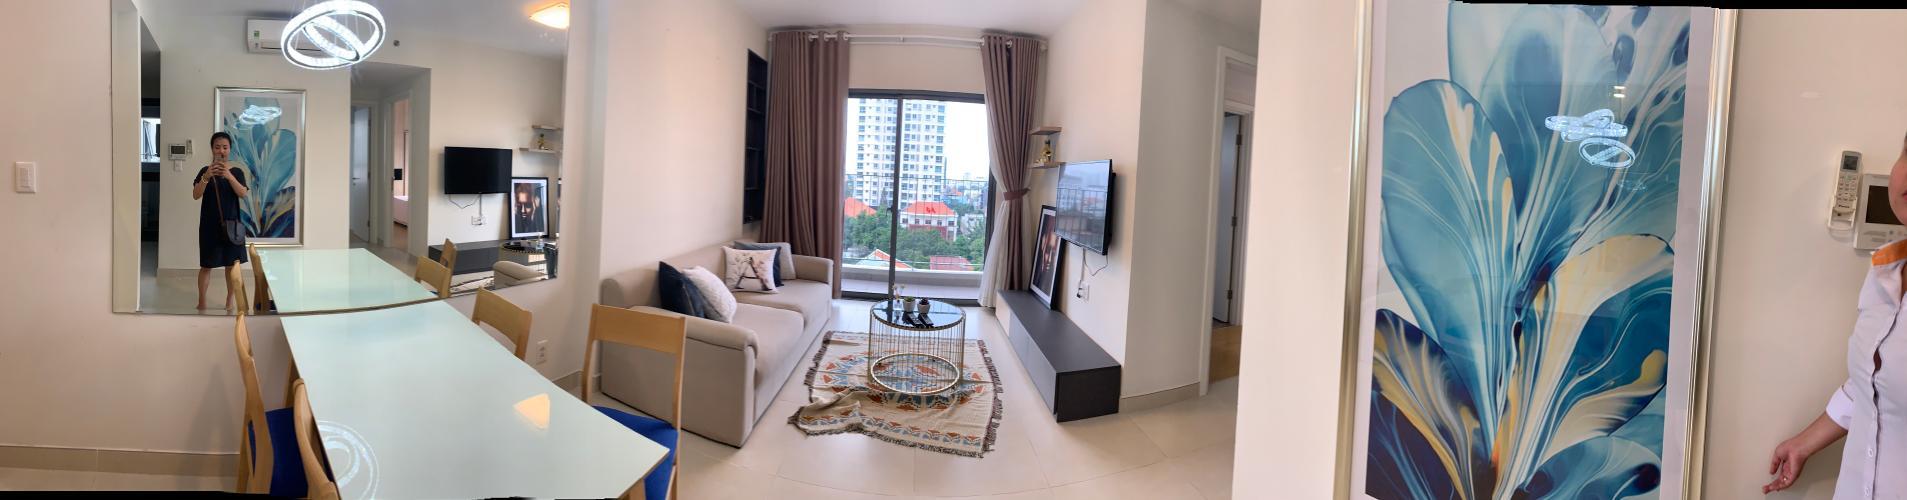 Bán căn hộ Masteri Thảo Điền 2PN, tháp T4, đầy đủ nội thất, view nội khu